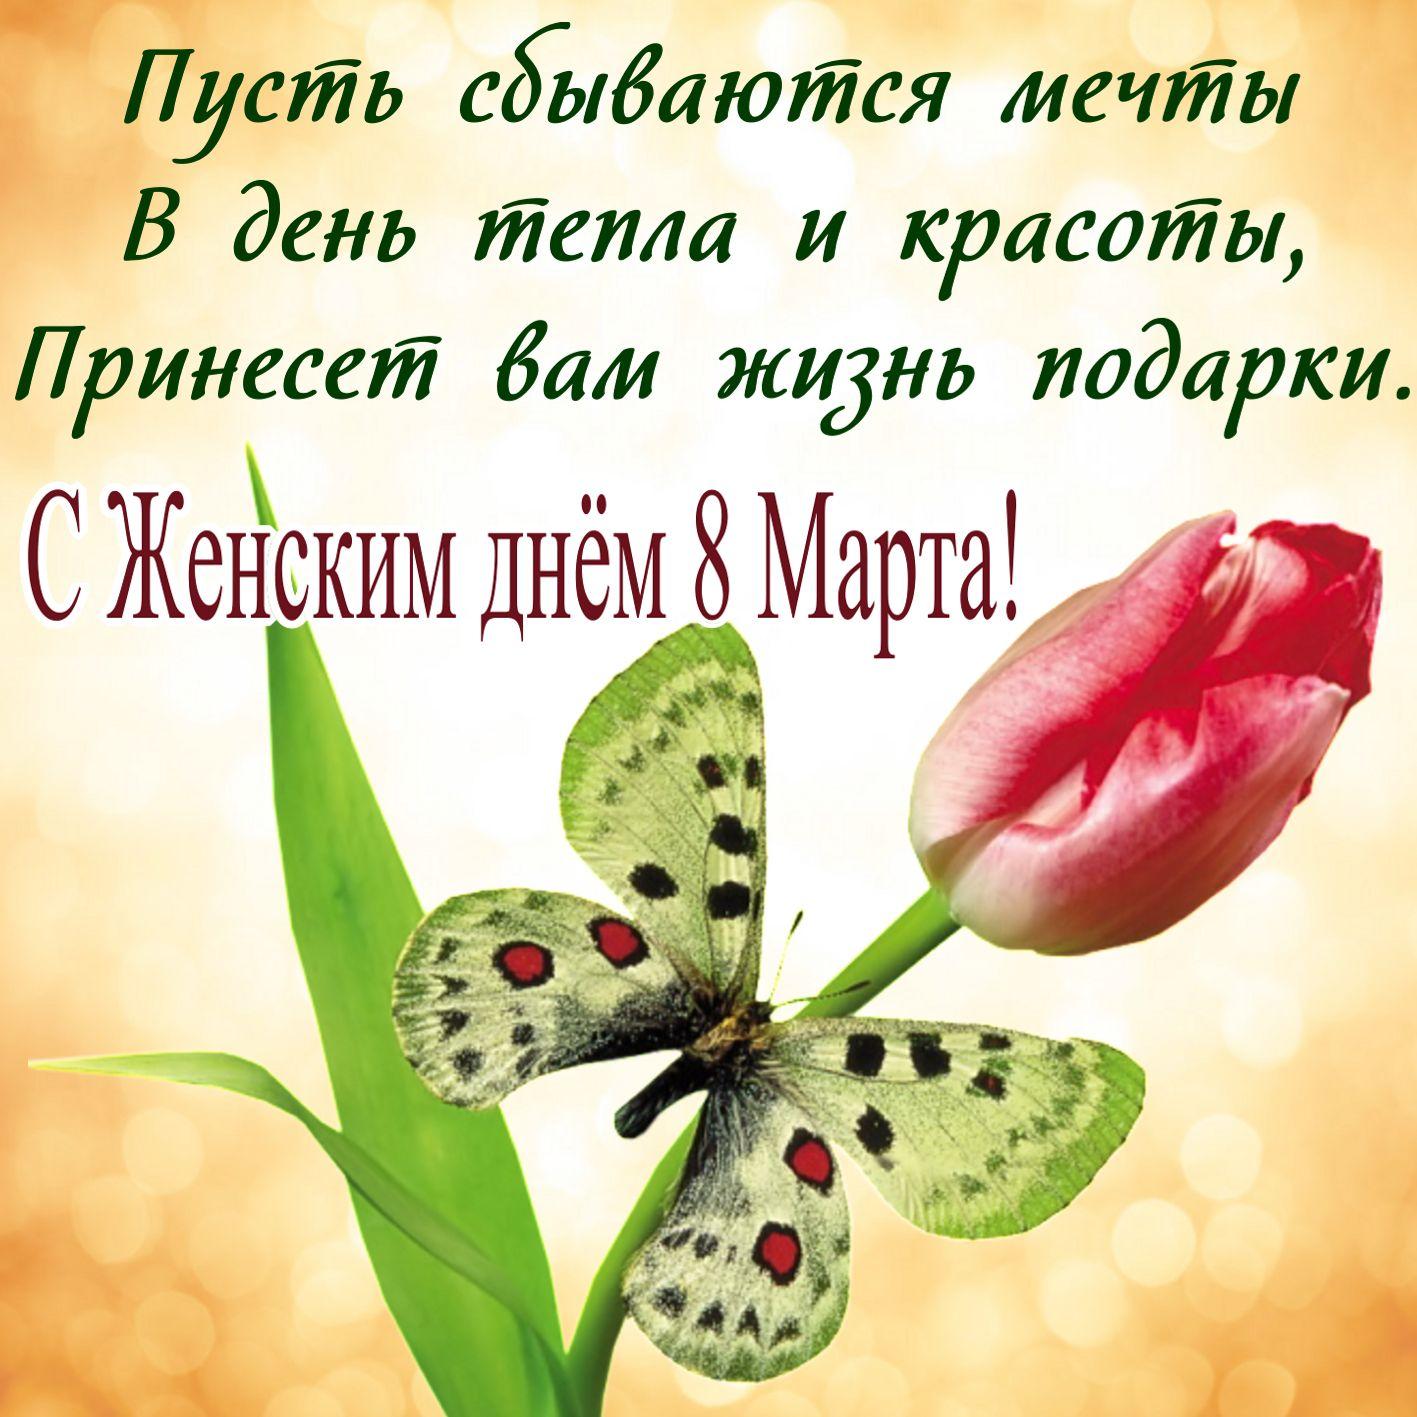 Бабочка на цветке к Женскому дню 8 марта